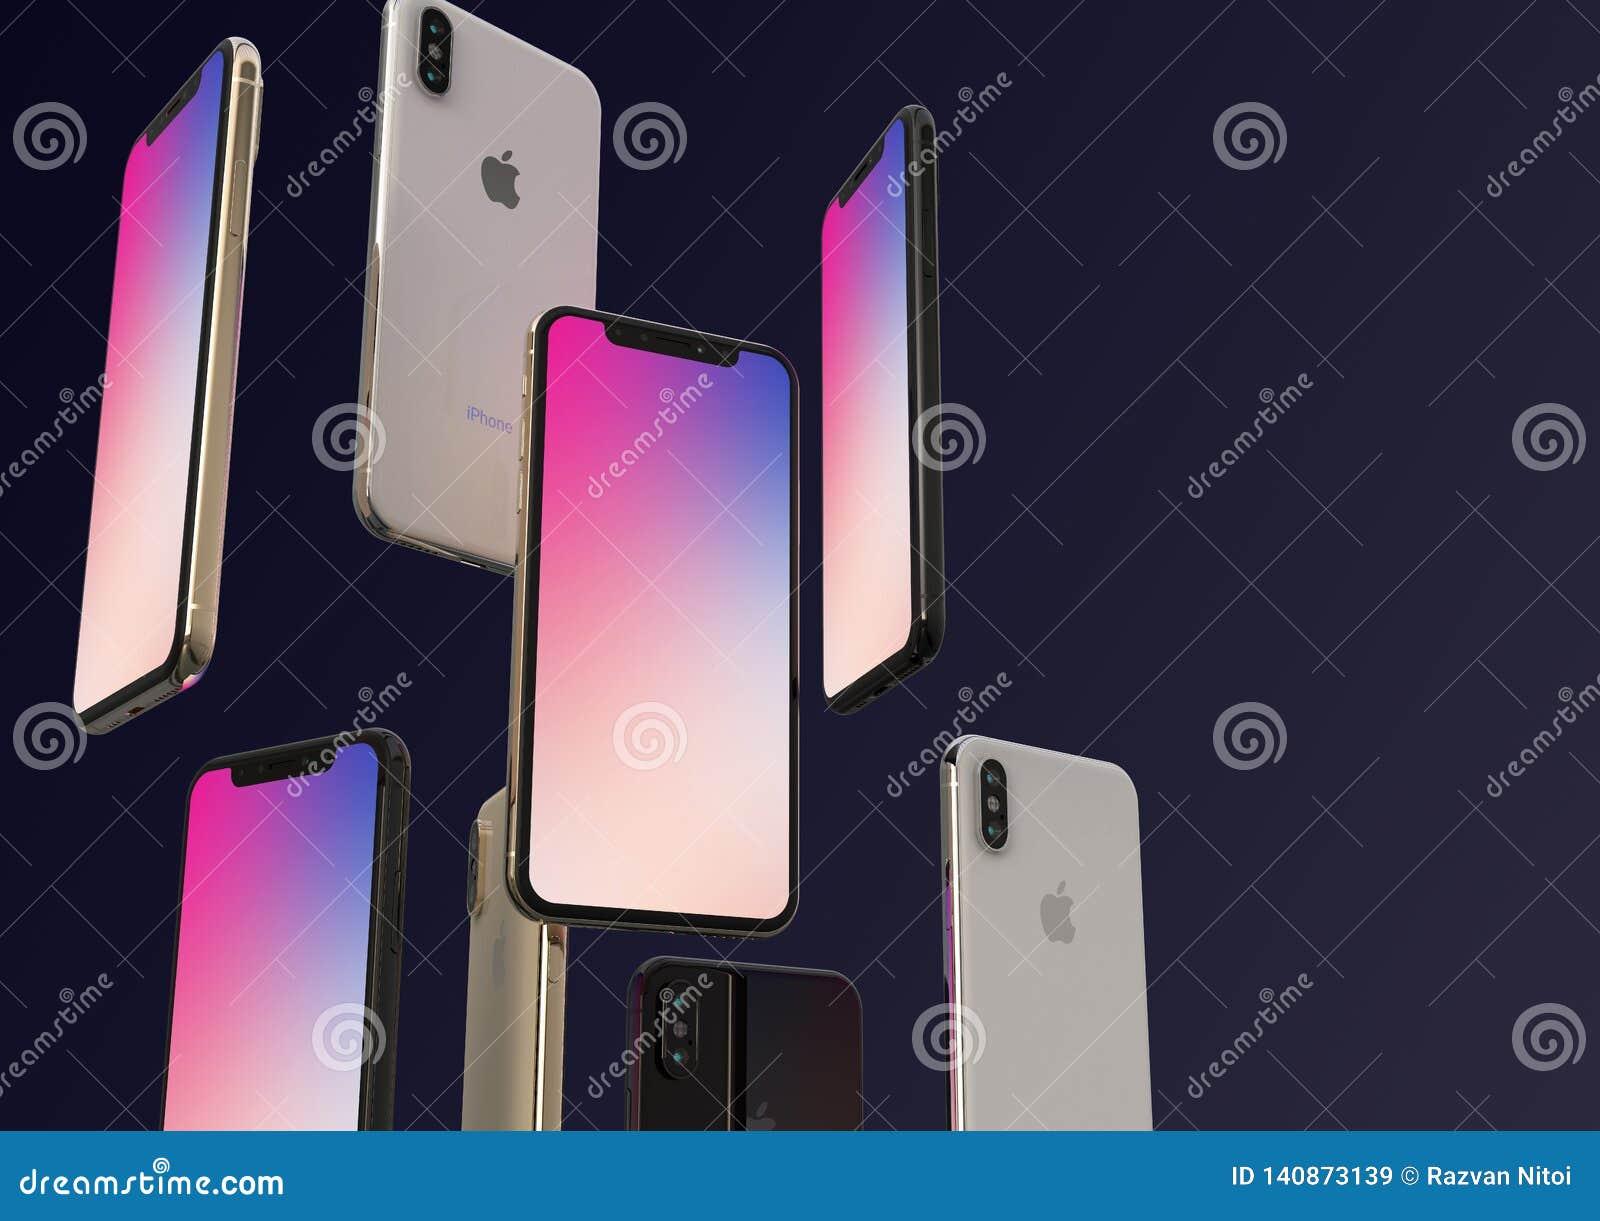 Gold-, Silber und Raum IPhone XS graue Smartphones, schwimmend in einer Luft, bunter Schirm